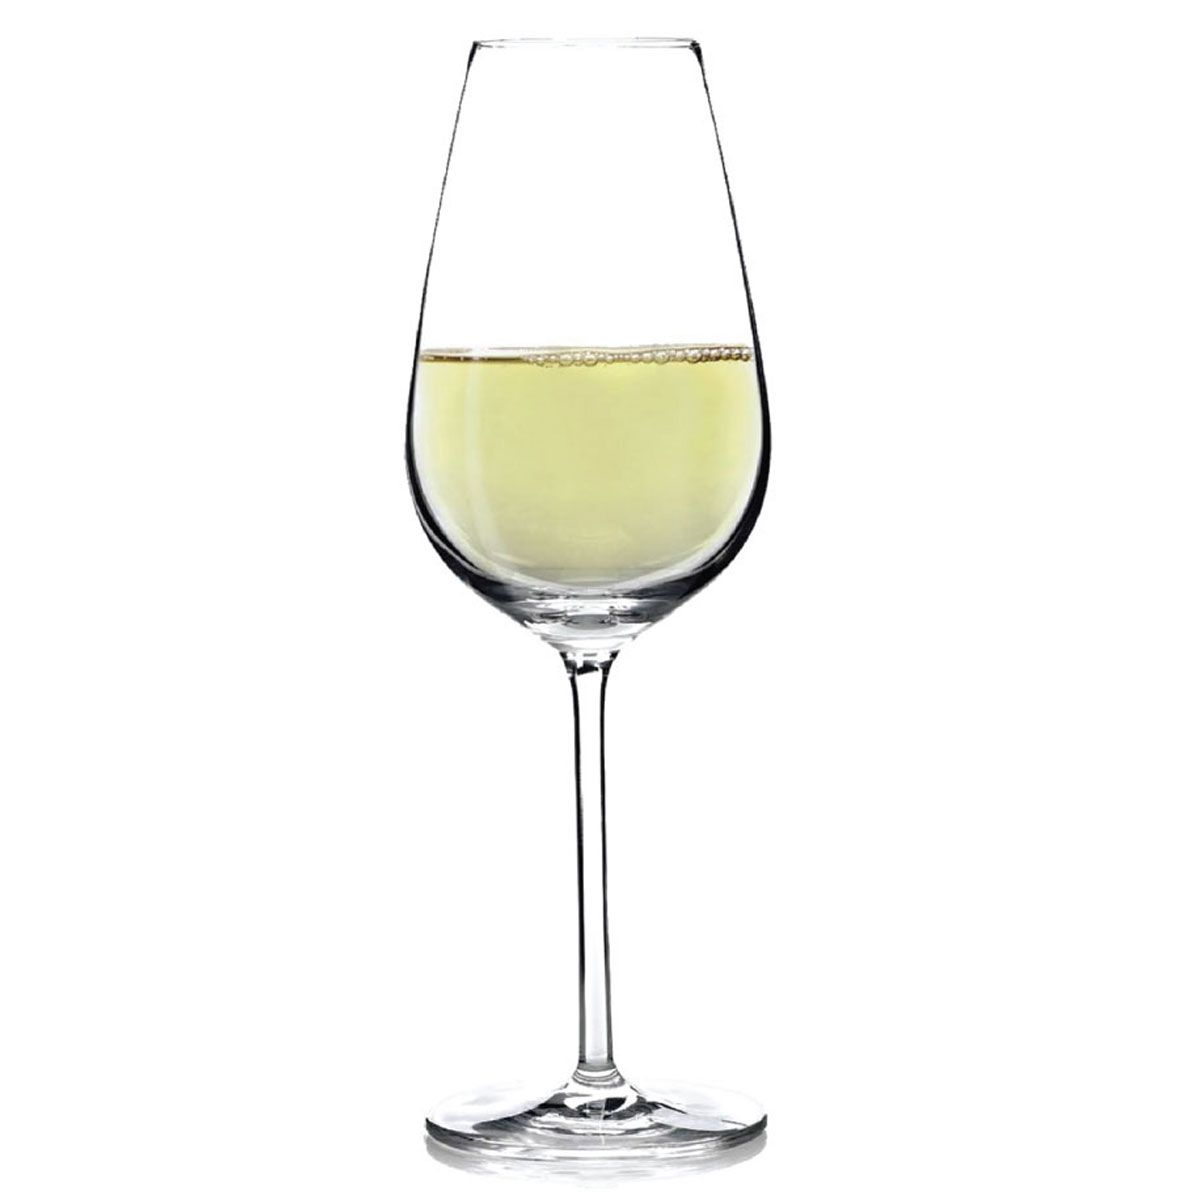 Jogo de Taça de Vinho Branco Aspergo Cristal 370ml 6 Pcs